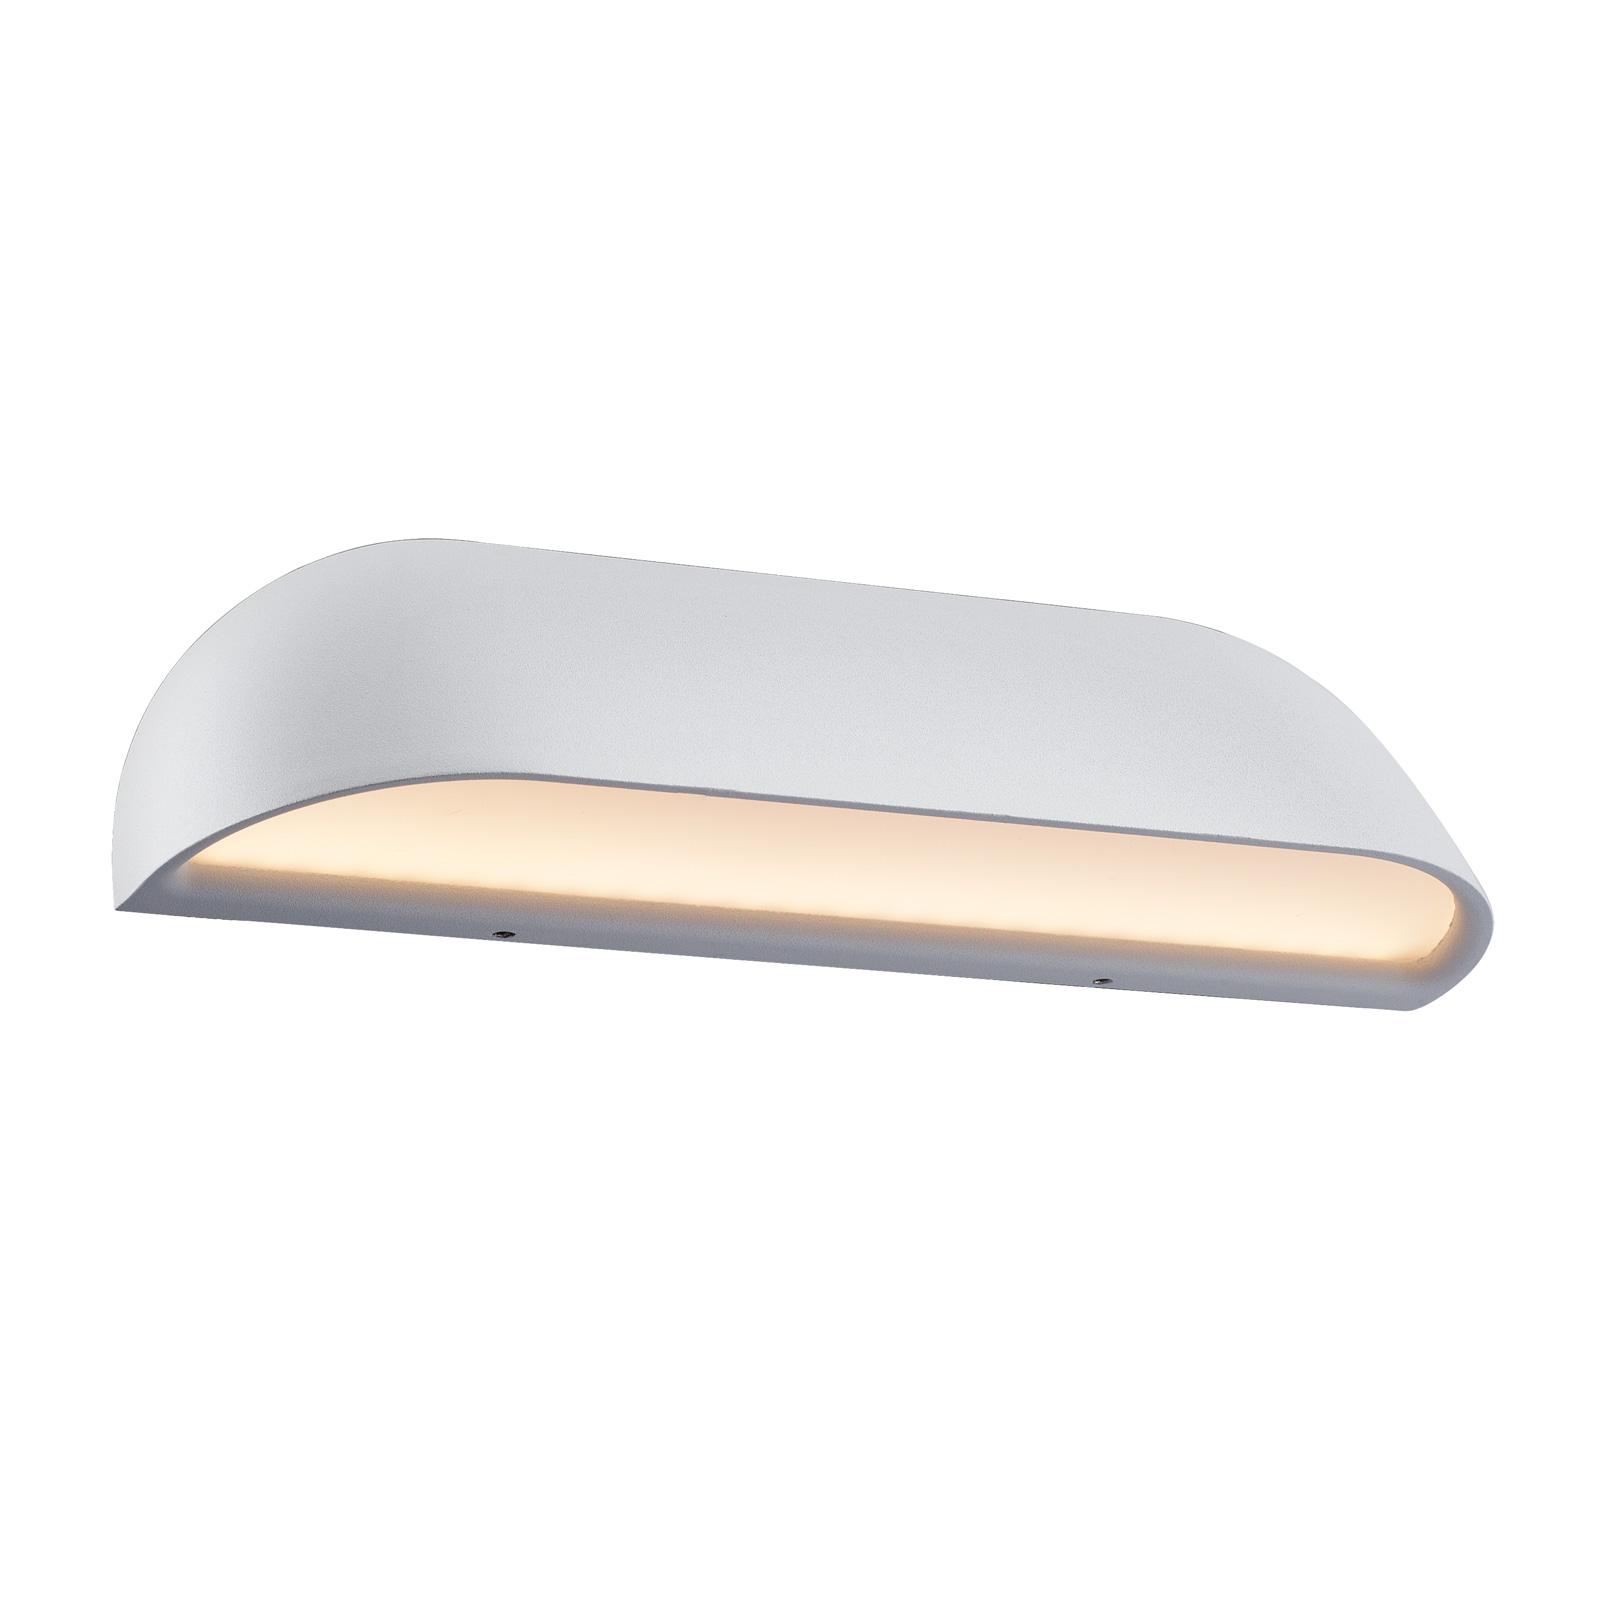 LED buitenwandlamp voorzijde 26, wit